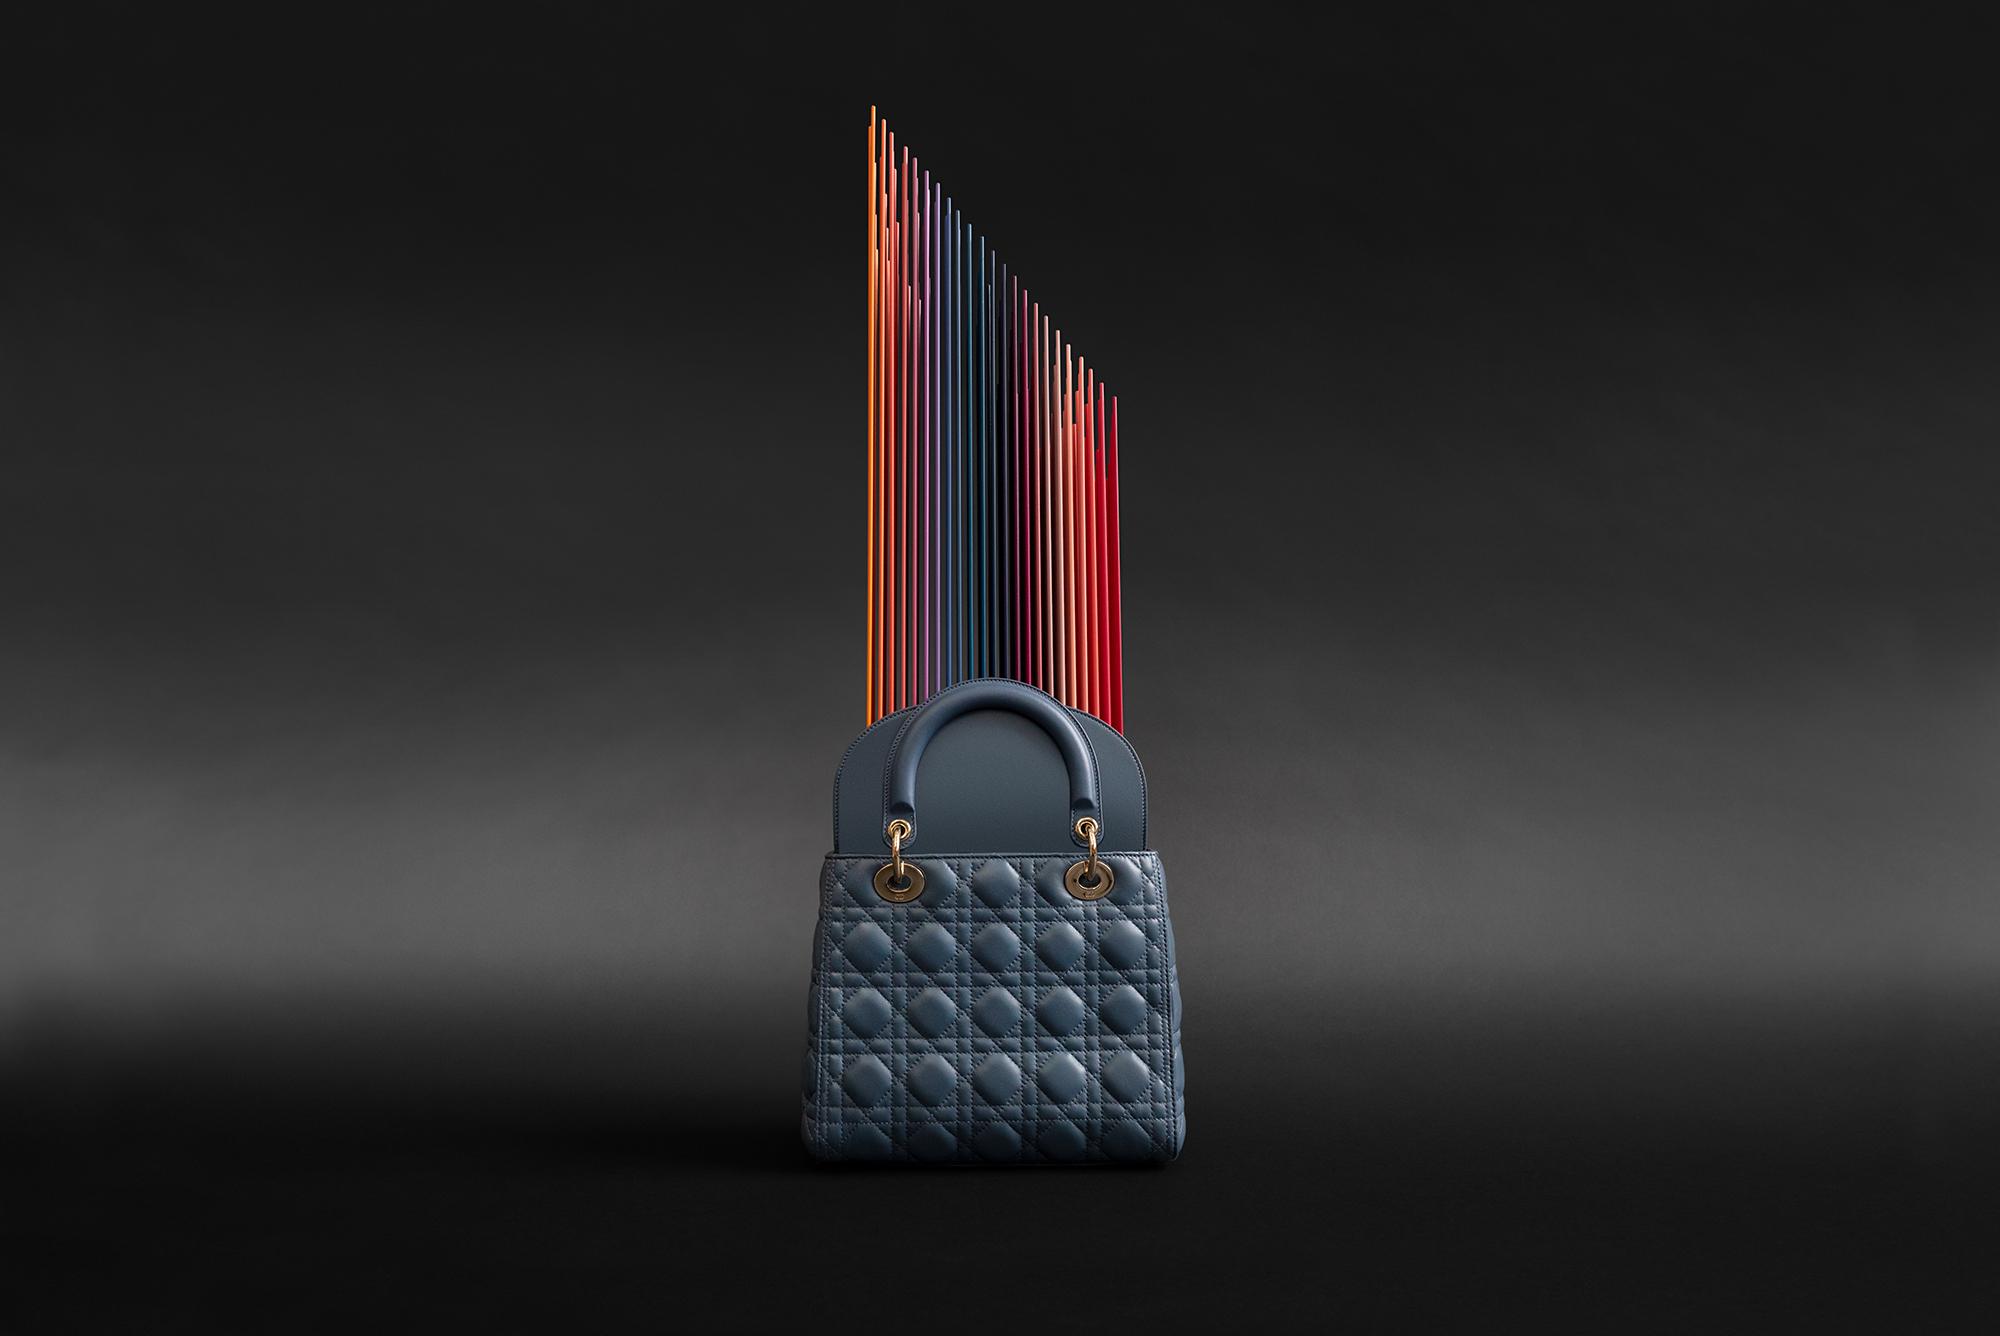 © Dior, Kunstwerk von Tomislav Topic als Teil der Lady Dior As Seen By Ausstellung